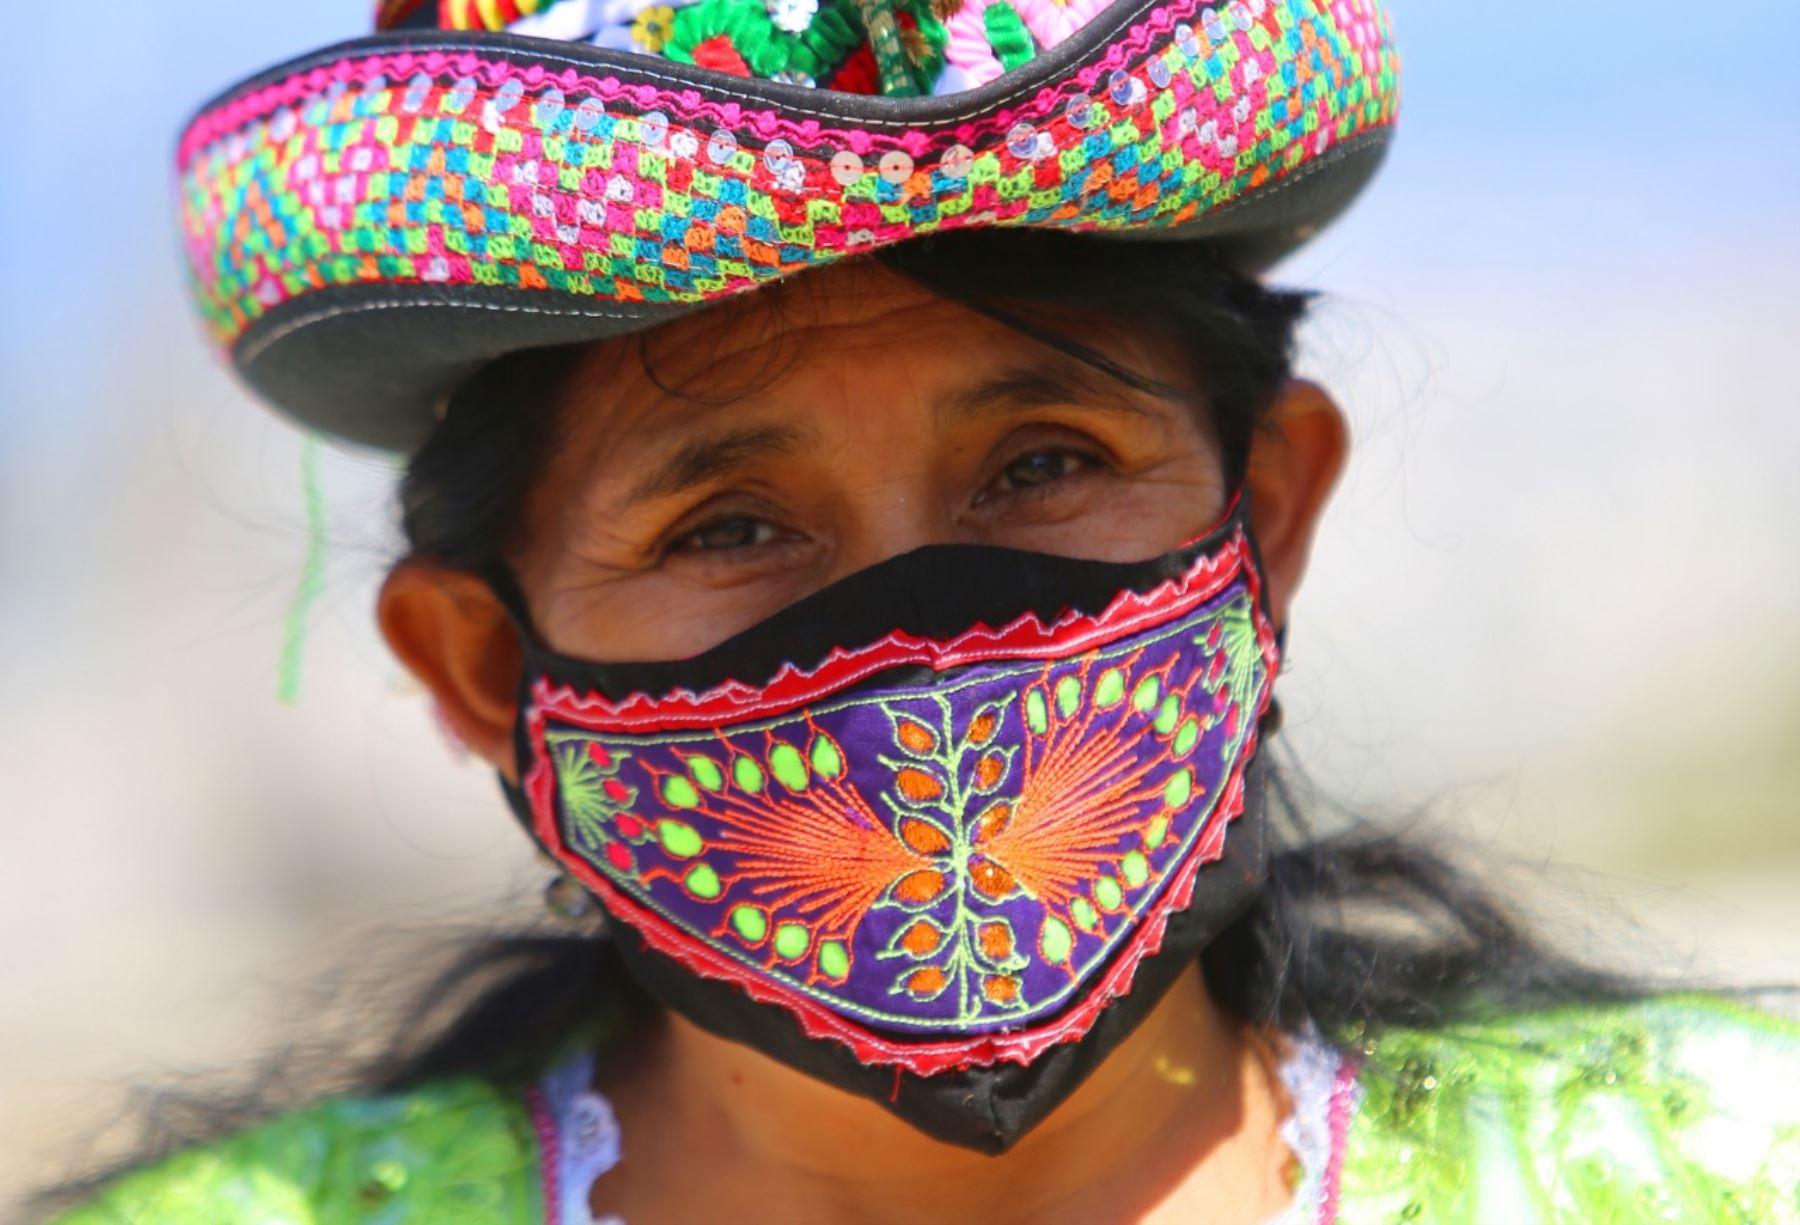 Cada uno de los diseños está inspirado en el color y texturas del arte sarhuino. Foto: Cortesía/Cesar García